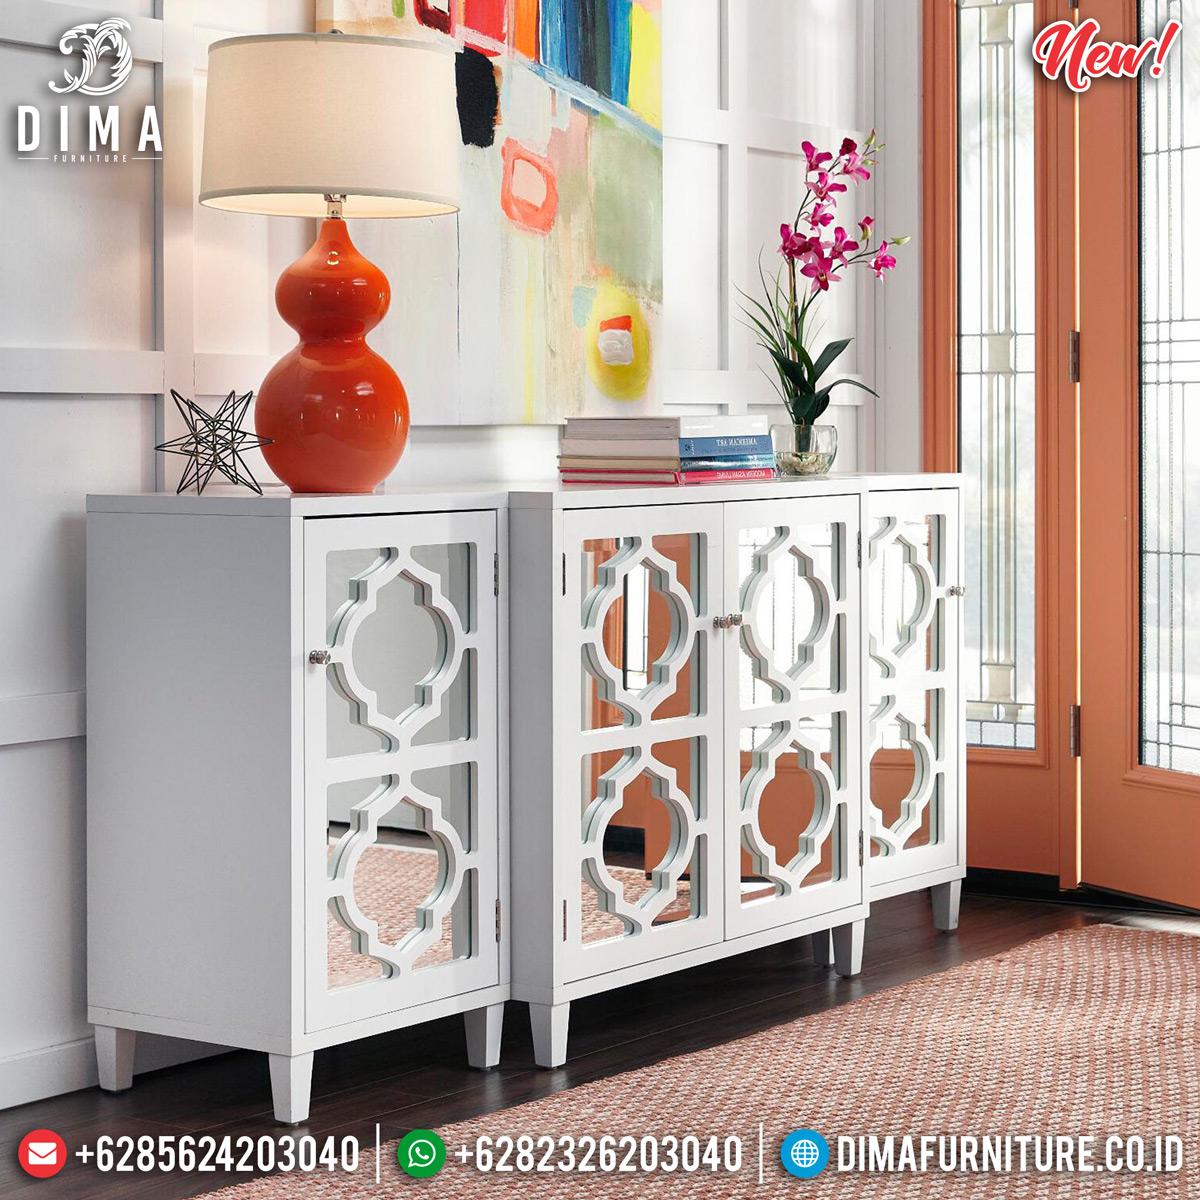 Jual Meja Konsul Minimalis Jepara Luxury Desain New Product 2020 MMJ-0820 Detail